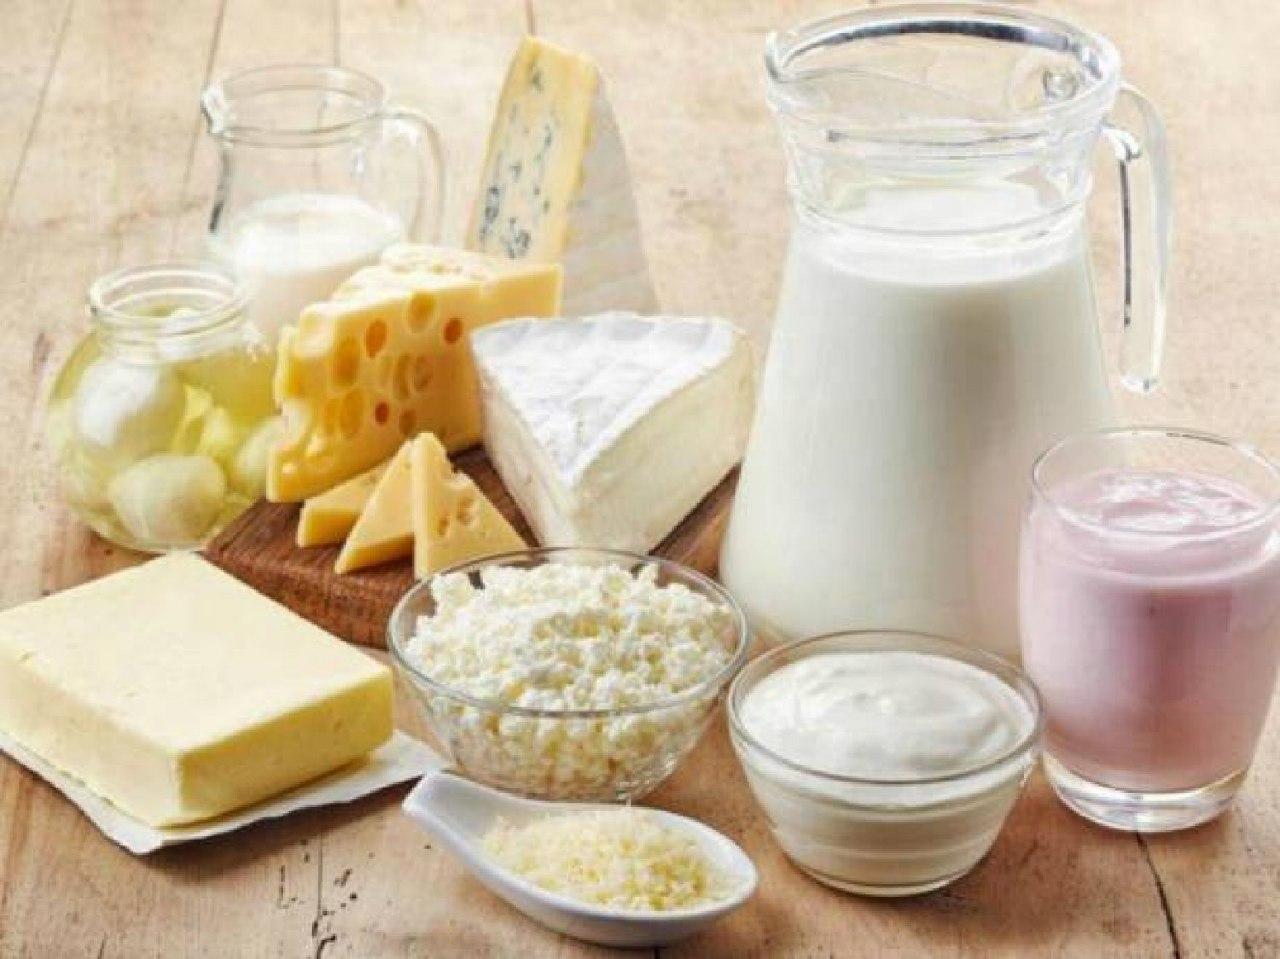 دراسة: دهون الجبن واللبن تقلل خطر الإصابة بالسكري